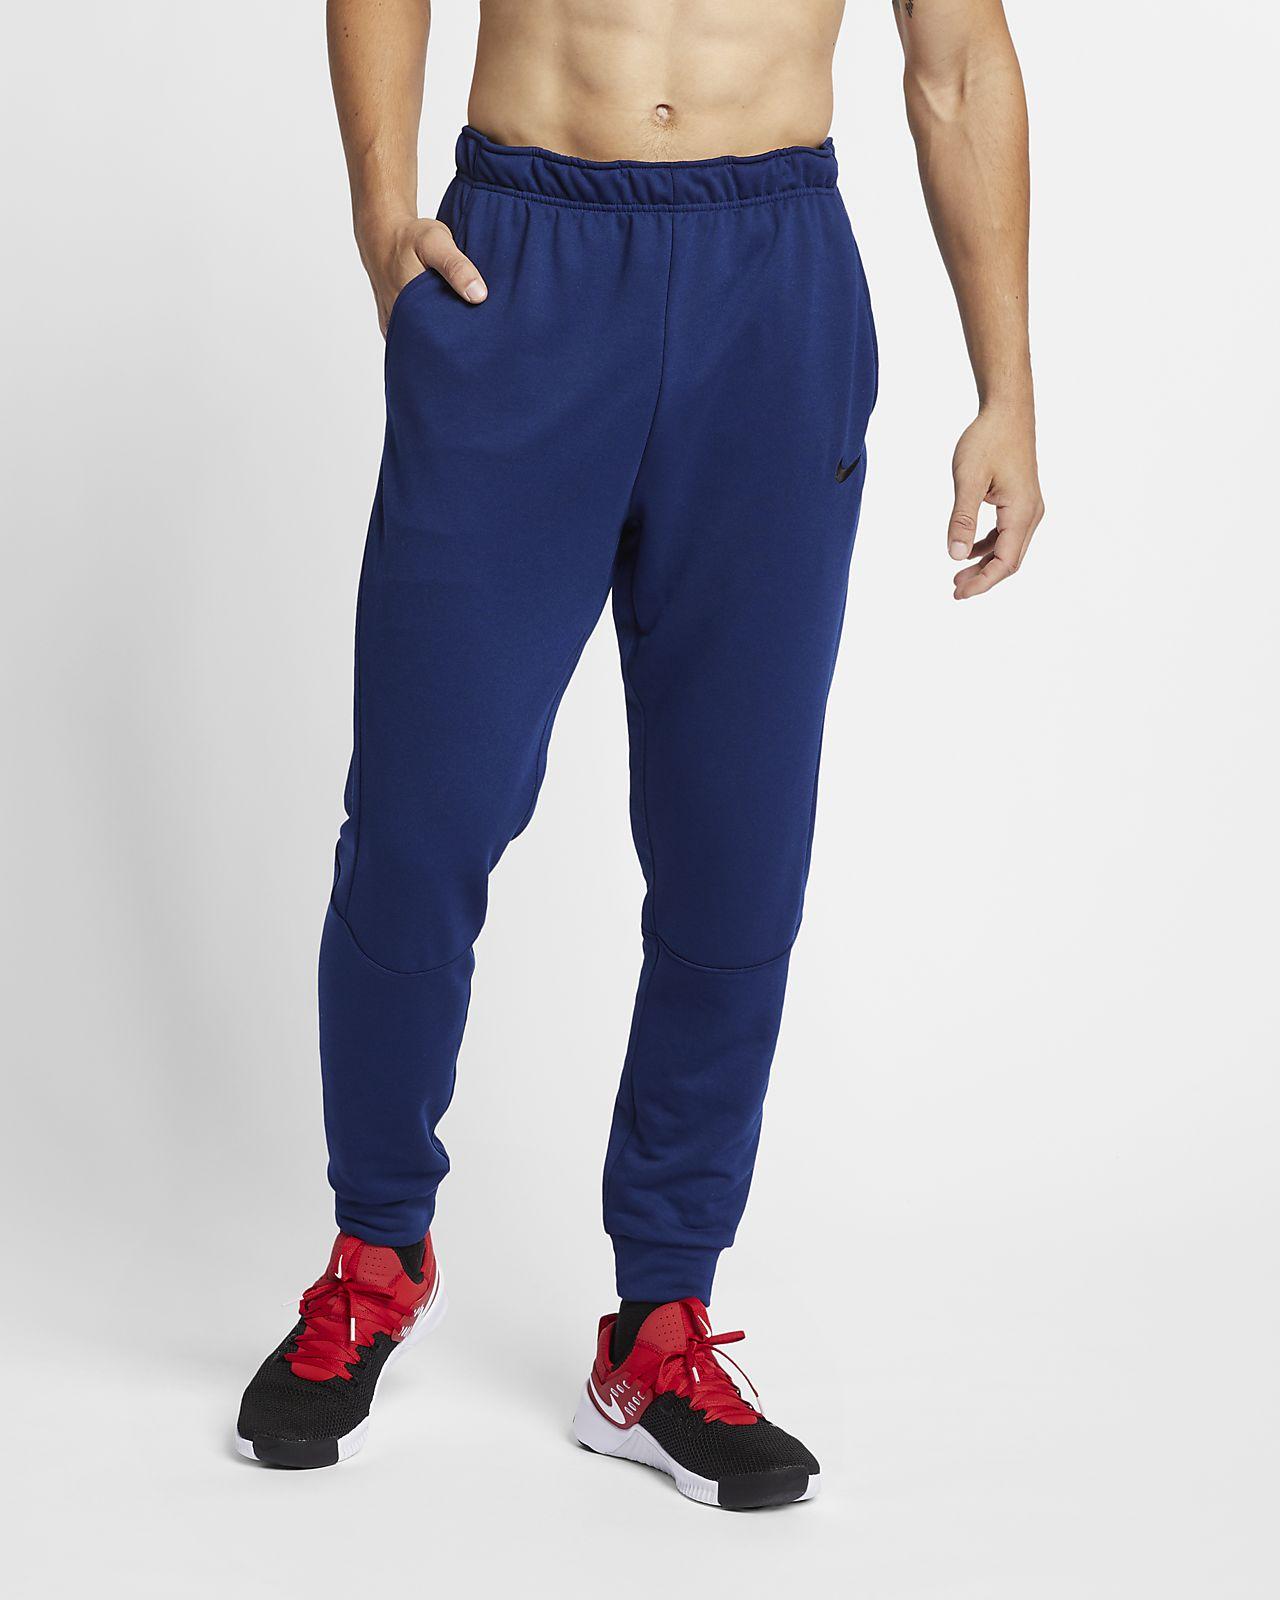 Nike Dri Fit Men S Tapered Fleece Training Pants Nike Com